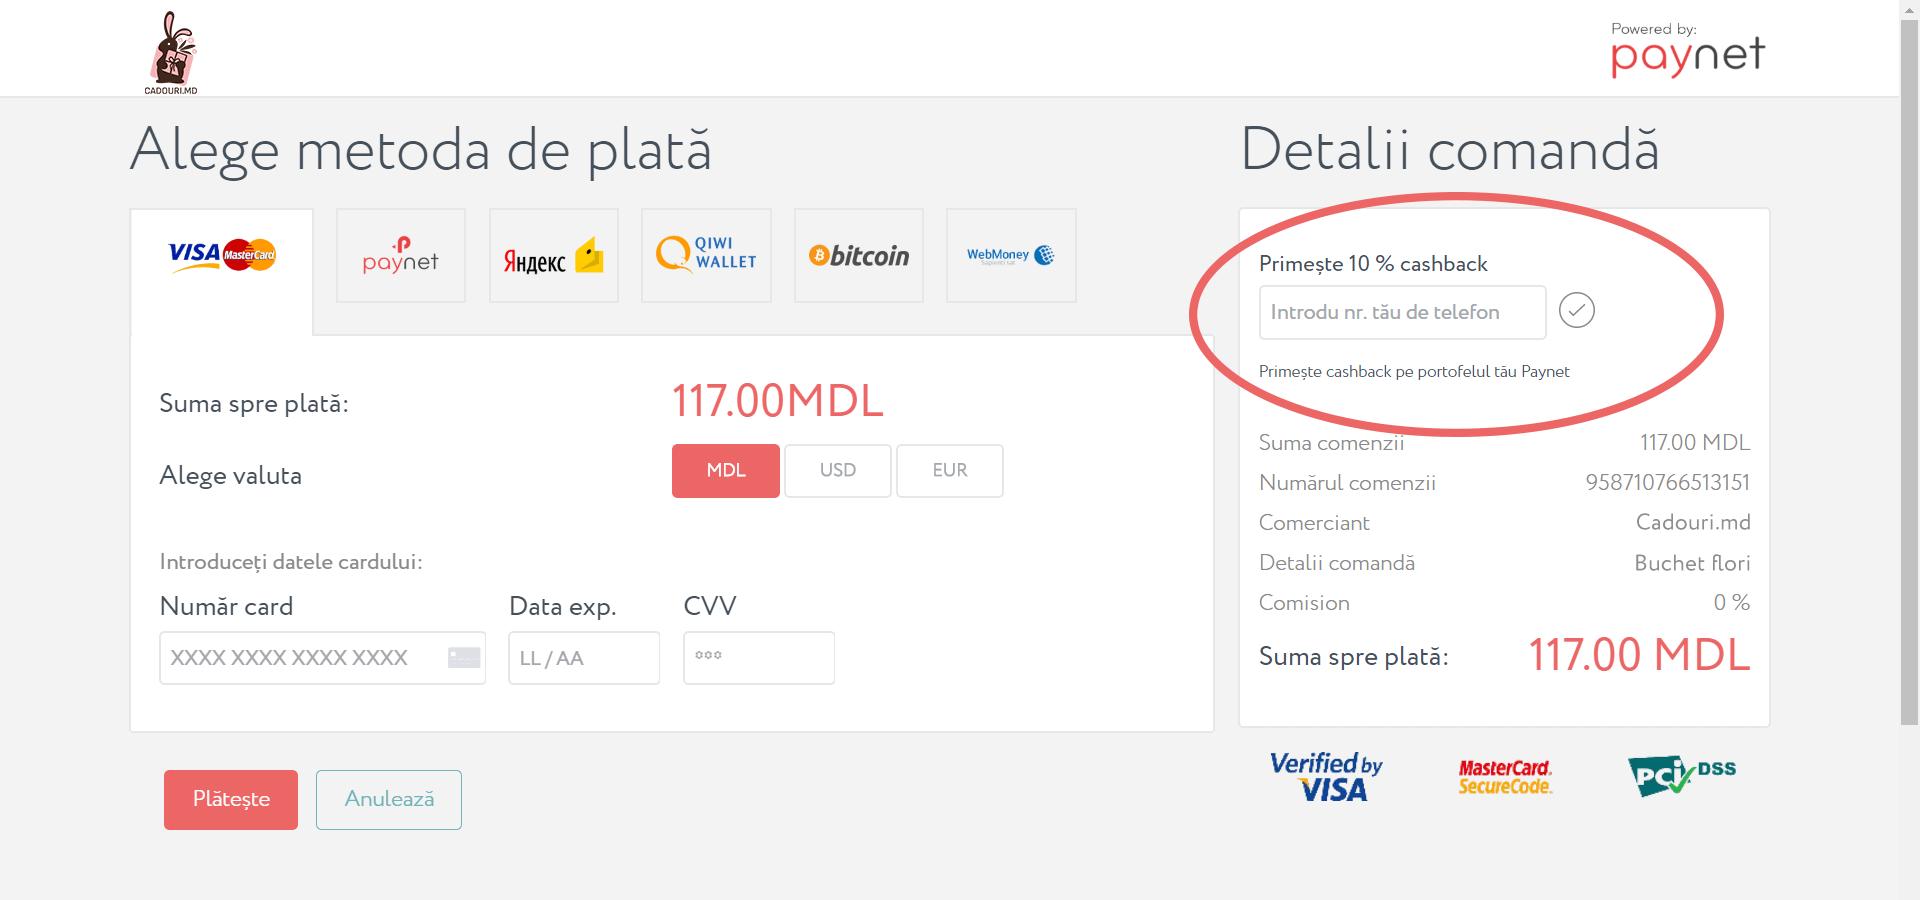 comerciant de timp bitcoin